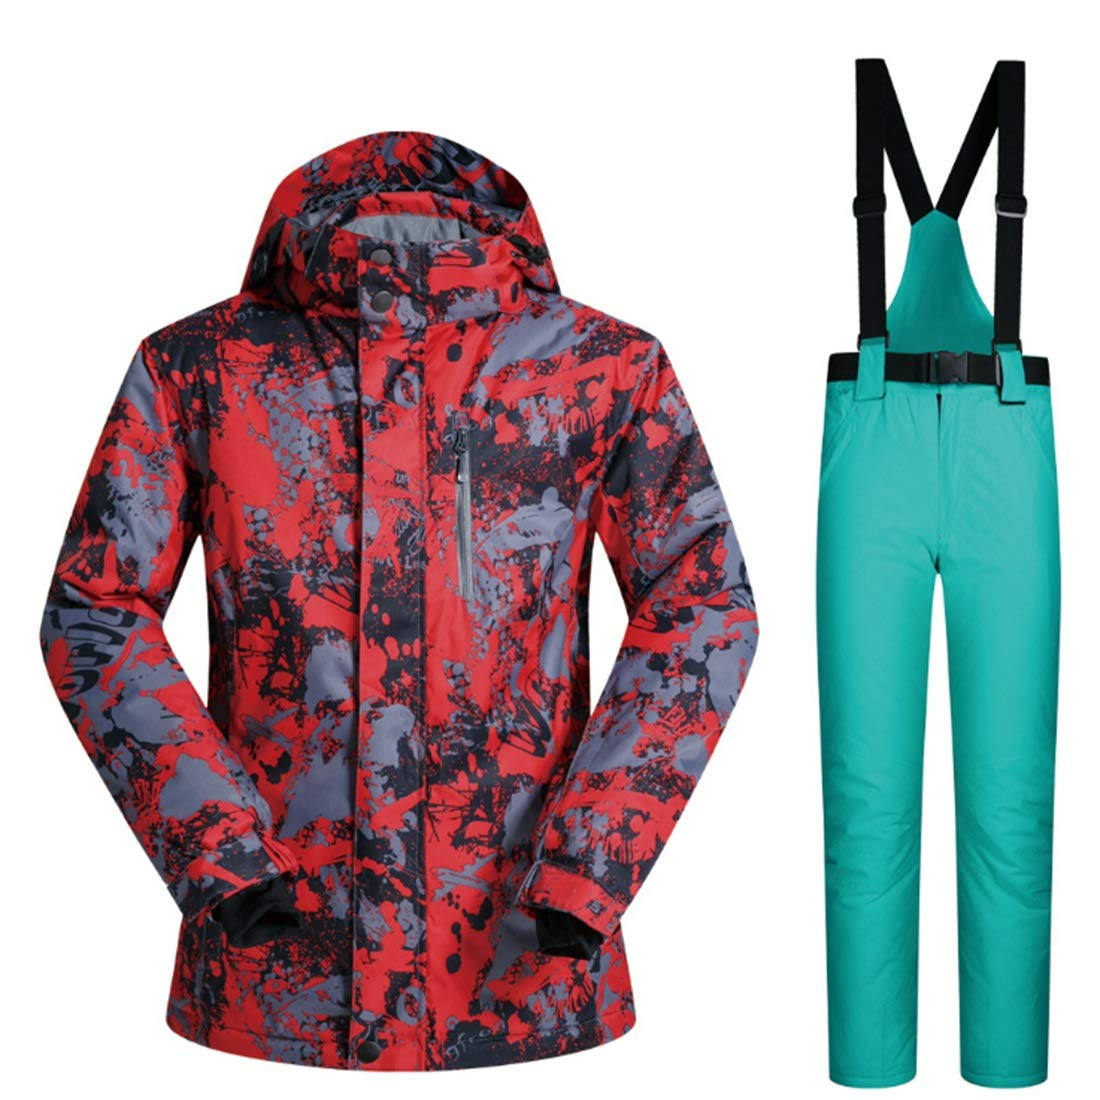 Cvthfyky Herren Mountain Waterproof Ski Jacket Windproof Regenjacke und Hose Set